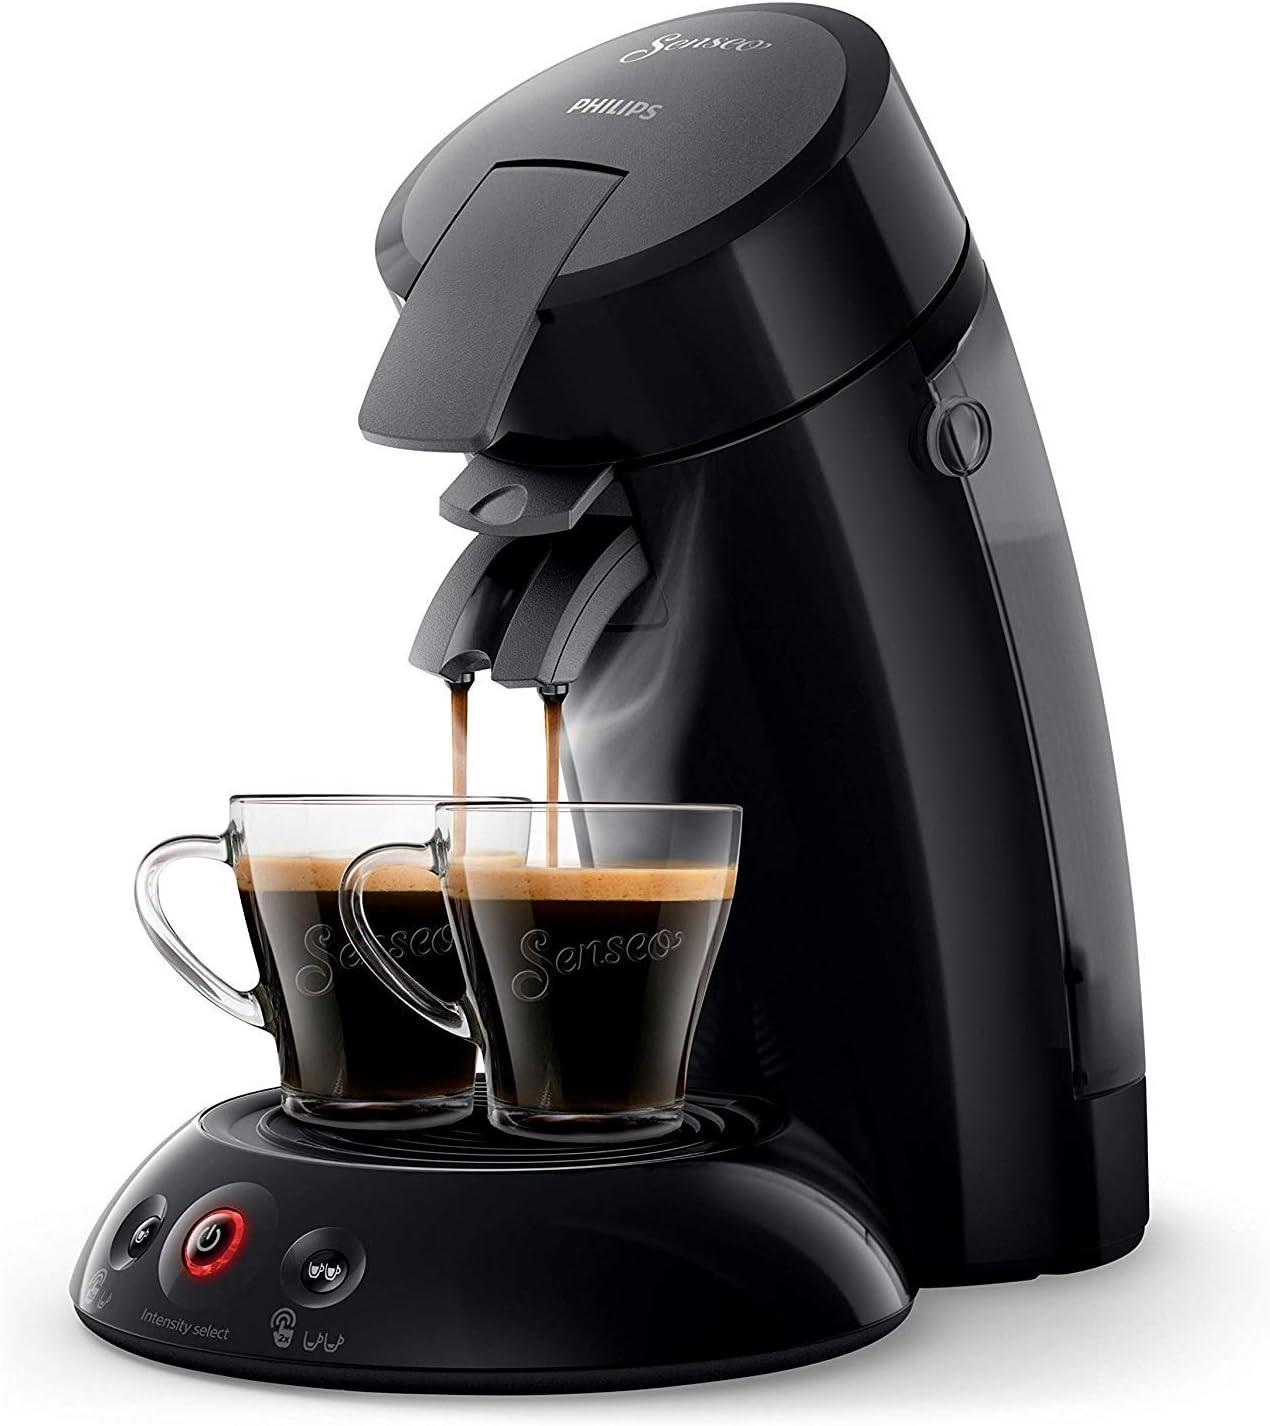 Philips SENSEO Original HD6554/61 - Cafetera monodosis con tecnología Coffee Boost y Crema Plus, selección de intensidad, color negro